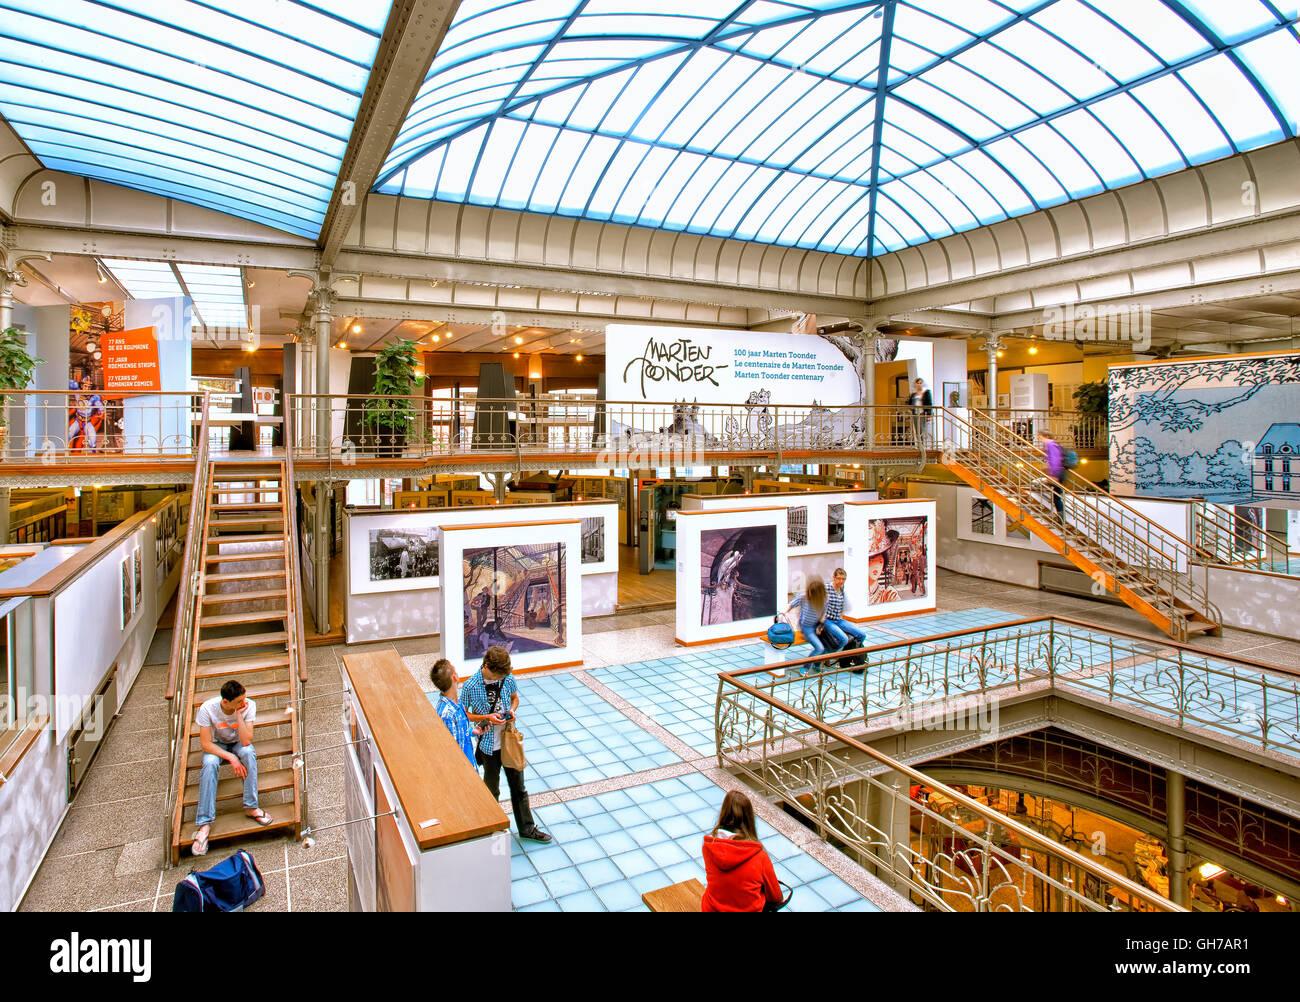 Innere des Comic-Strip-Museum Kunst in Brüssel, Belgien Stockbild